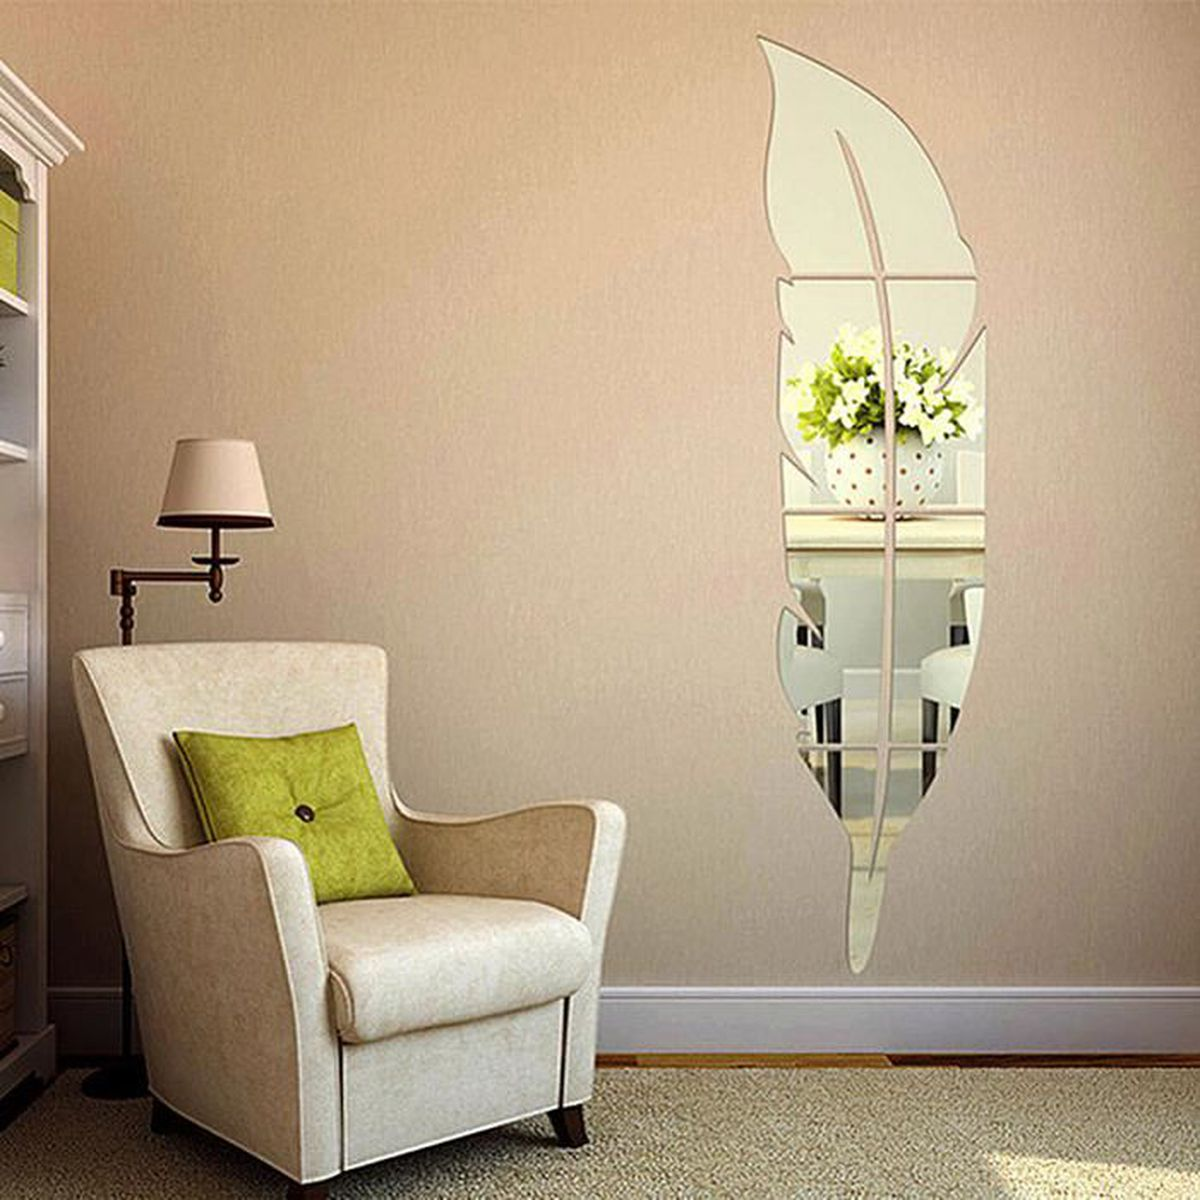 cadre peinture plumes achat vente cadre peinture plumes pas cher cdiscount. Black Bedroom Furniture Sets. Home Design Ideas